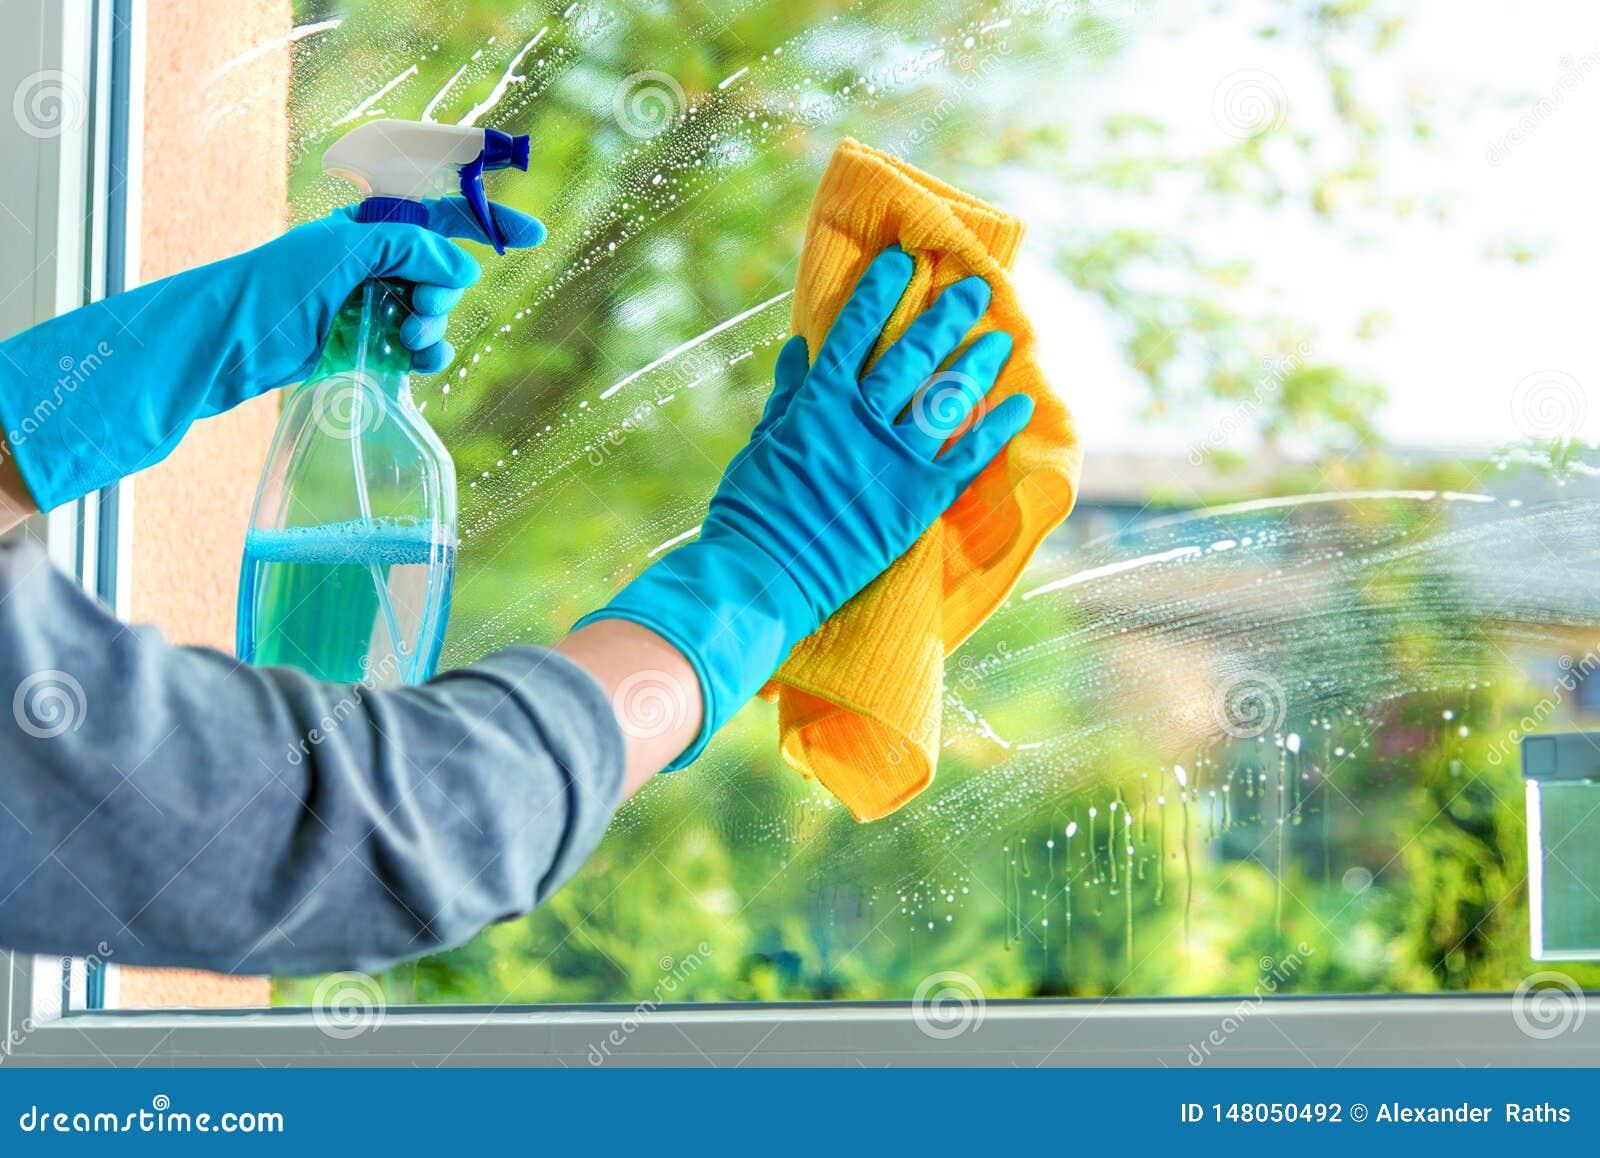 Placa de janela da limpeza com detergente